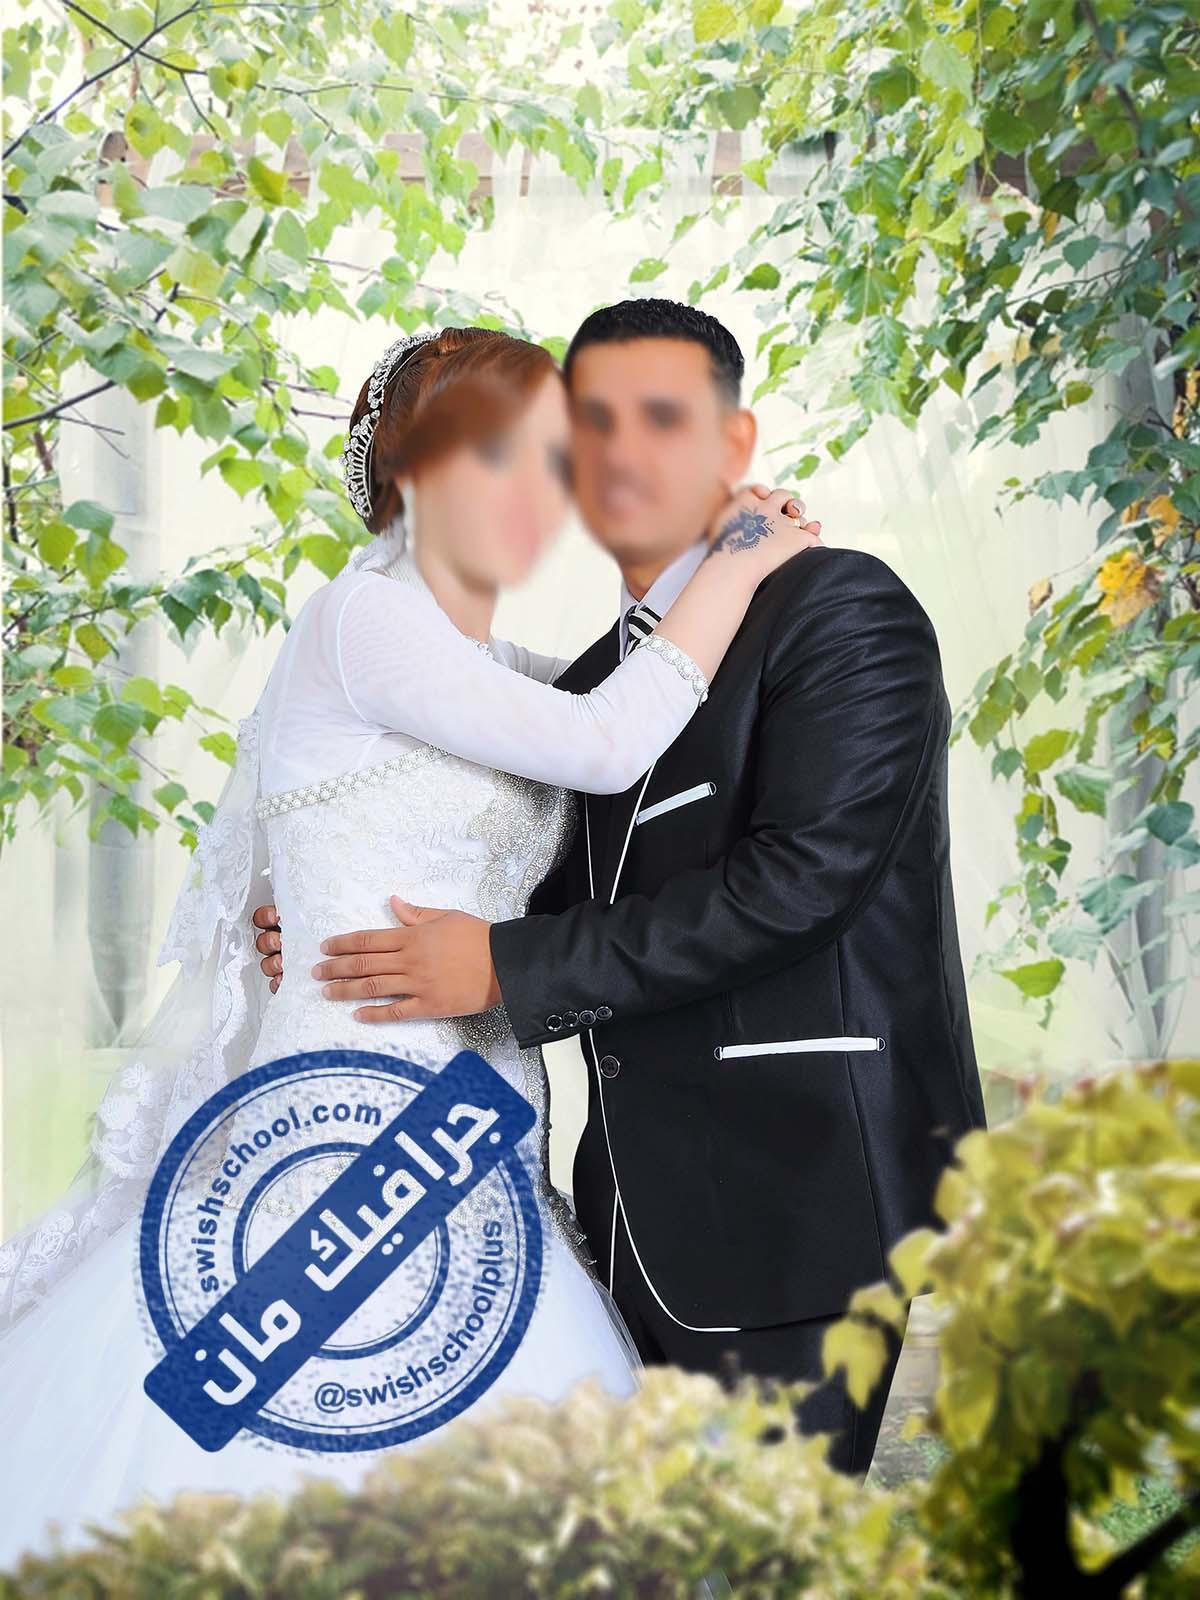 خلفيات عرائس رومانسيه 2 psd 2 خلفيات عرايس رومانسيه psd للزفاف الجزء الثاني